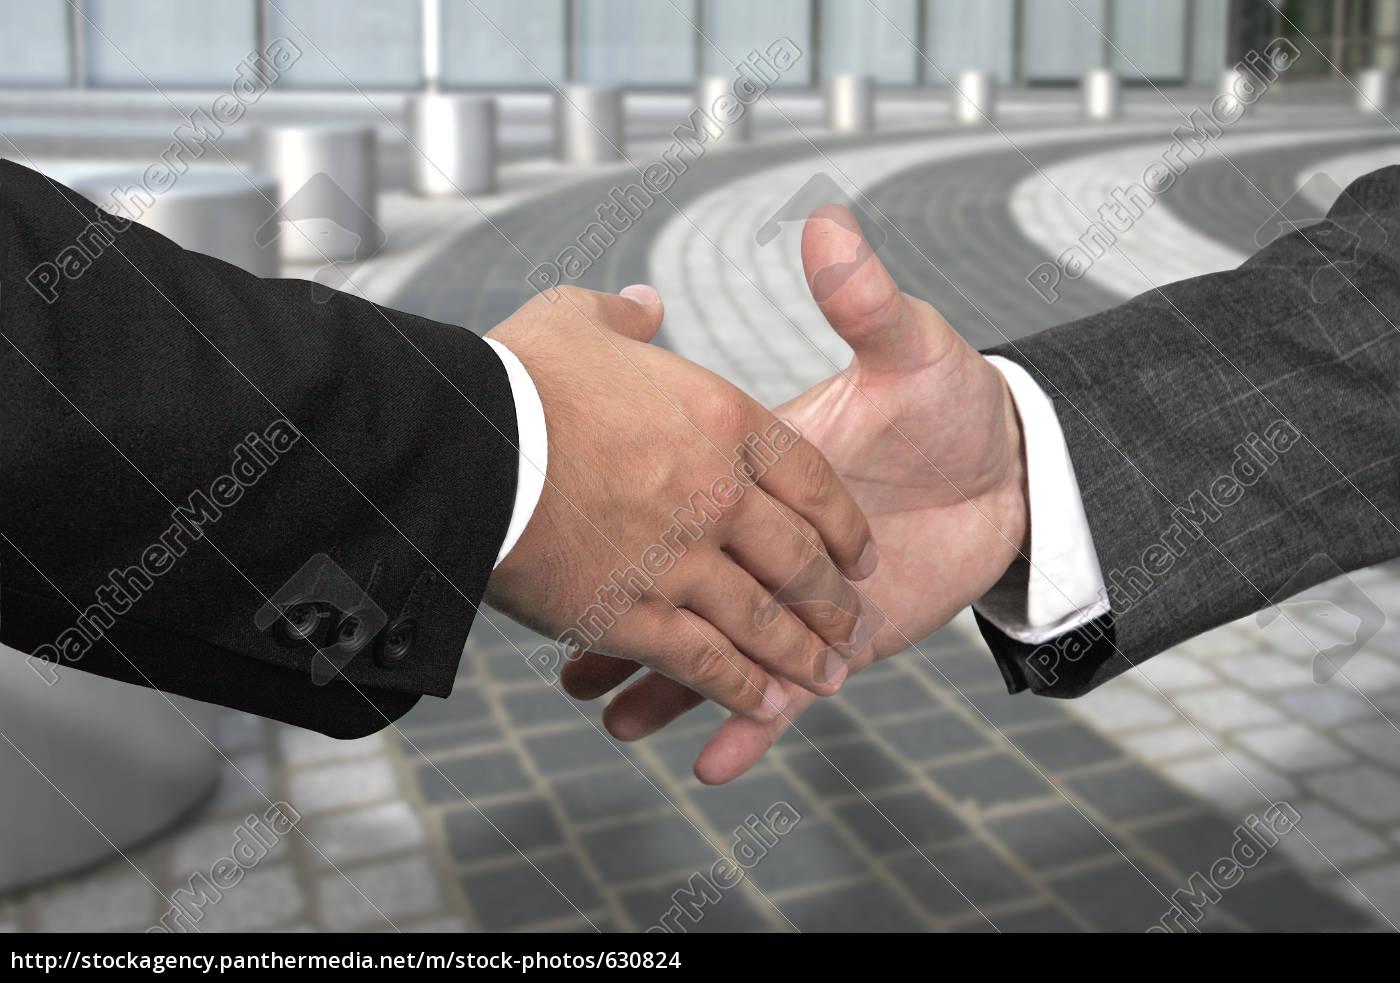 handshake - 630824